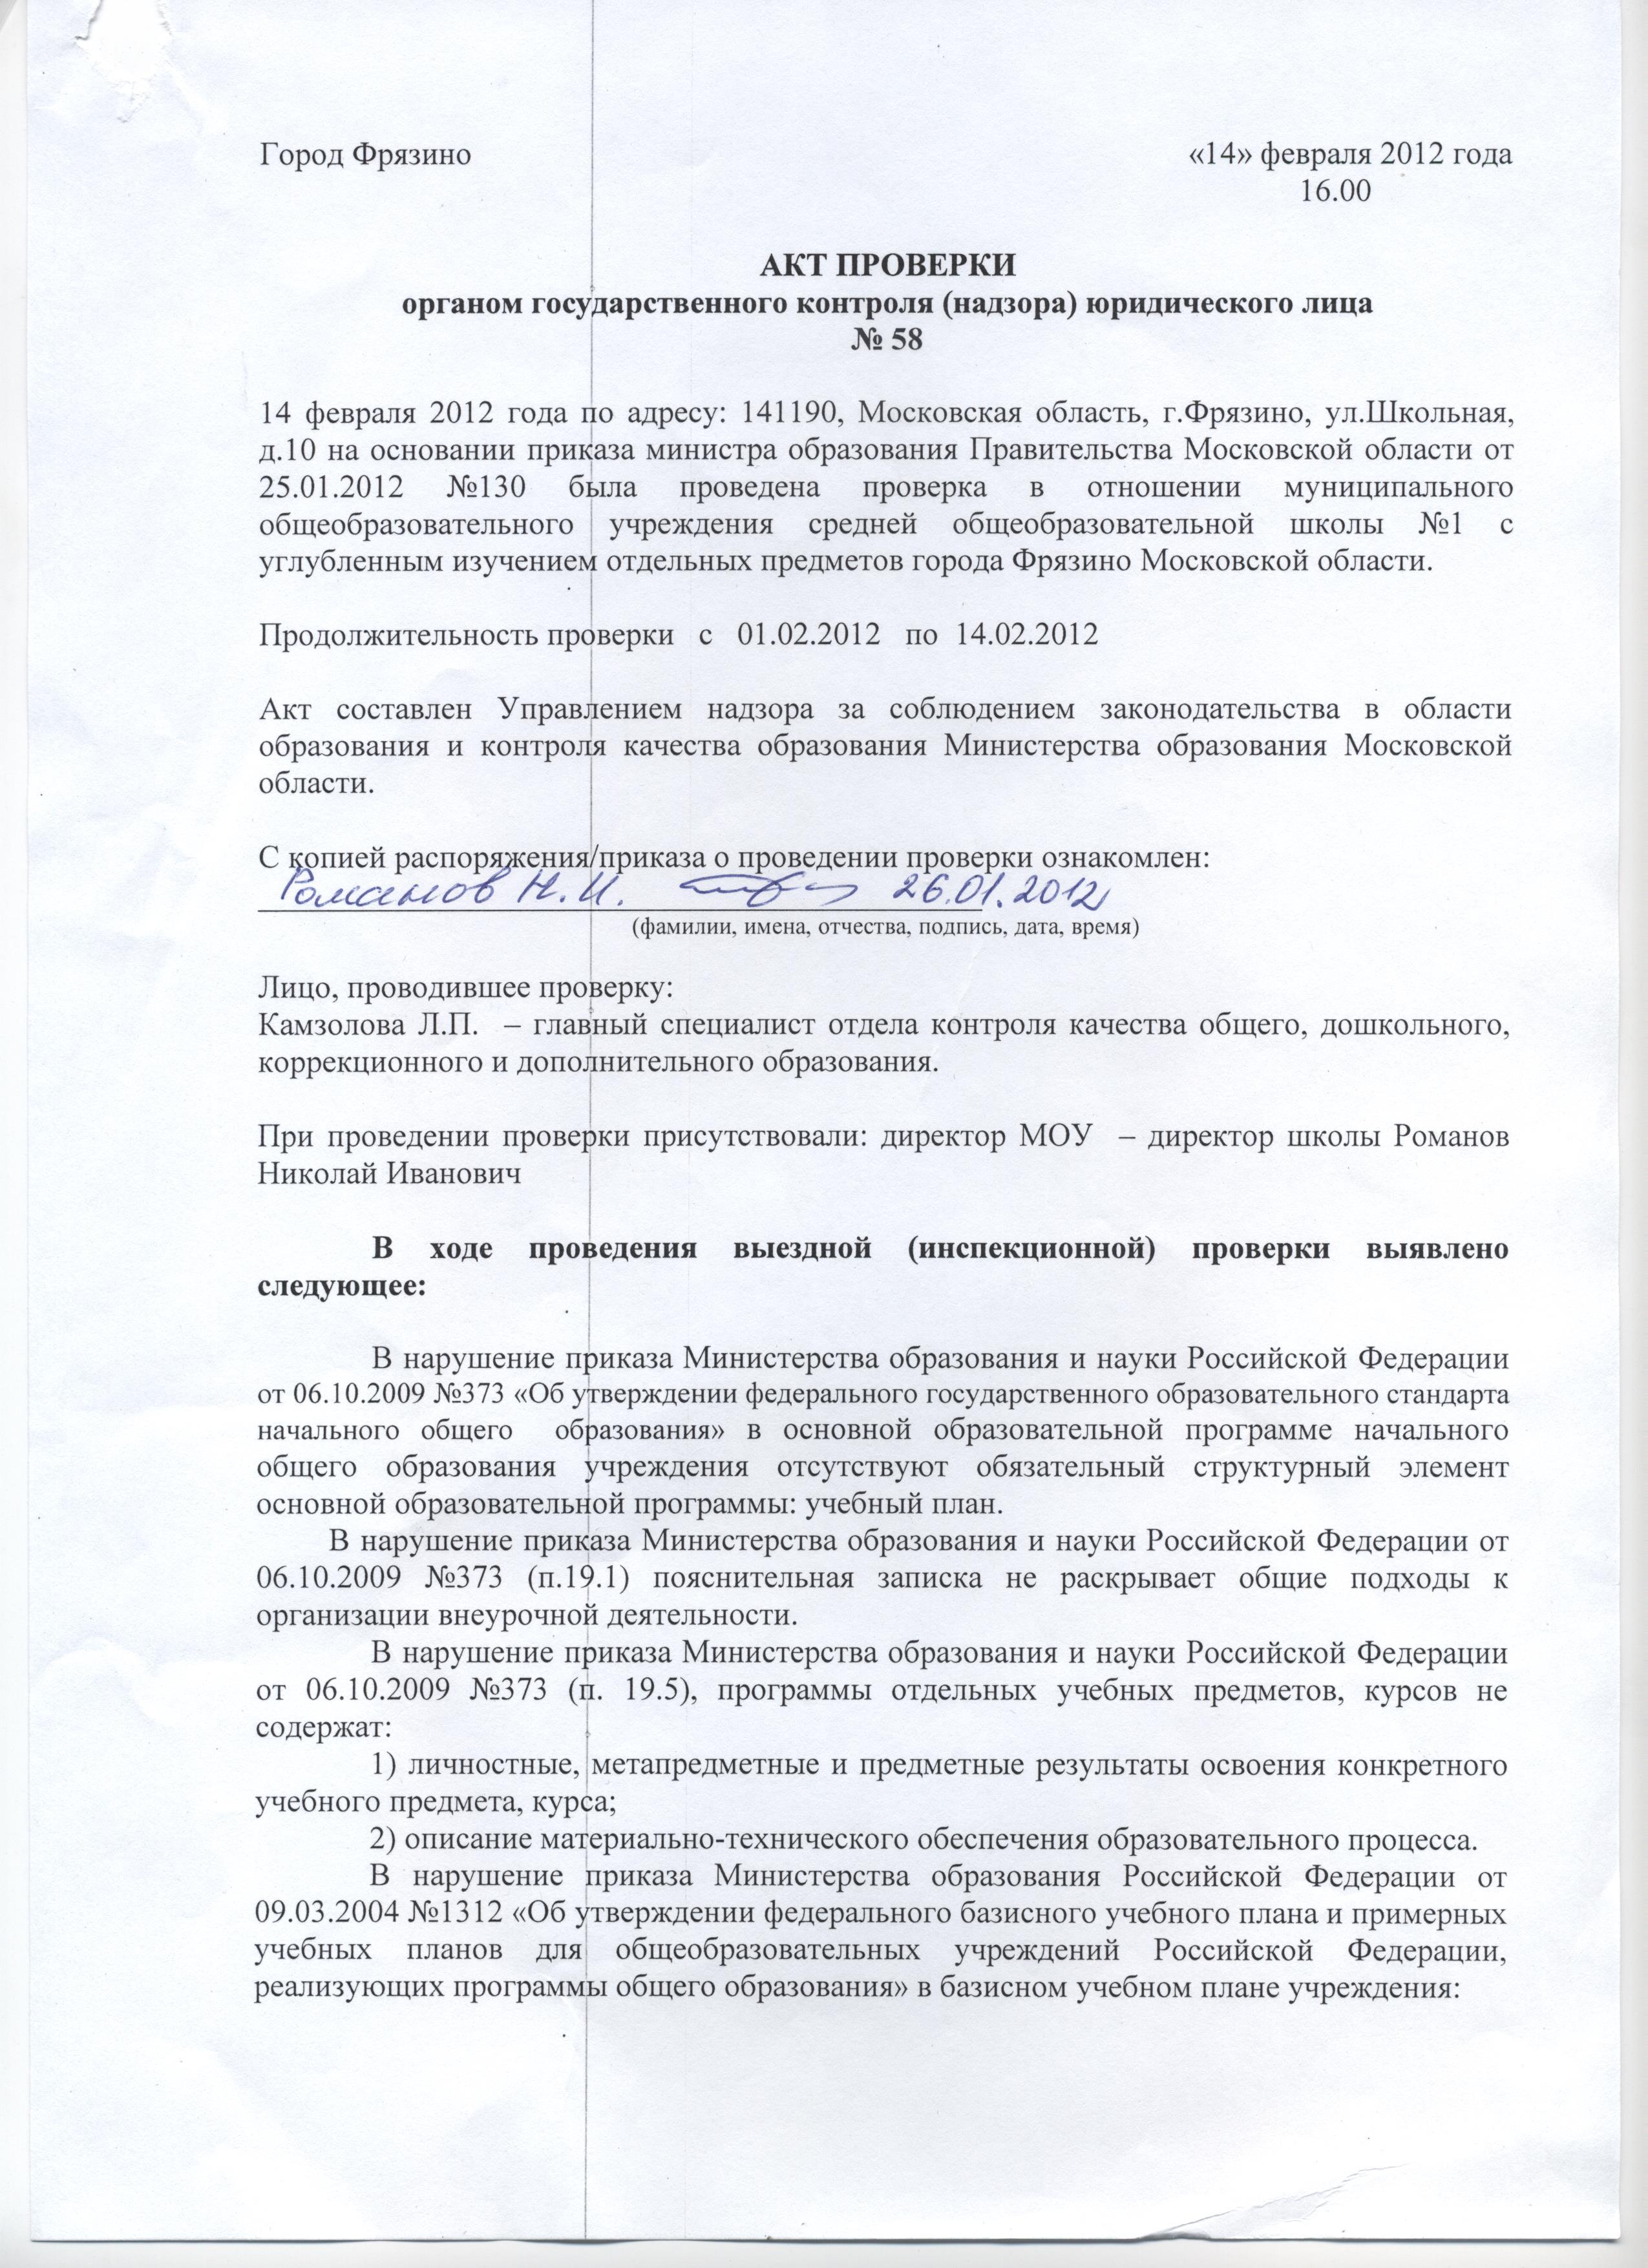 скачать образец приказа по школе об окончании основной школы в 2013-2014 году